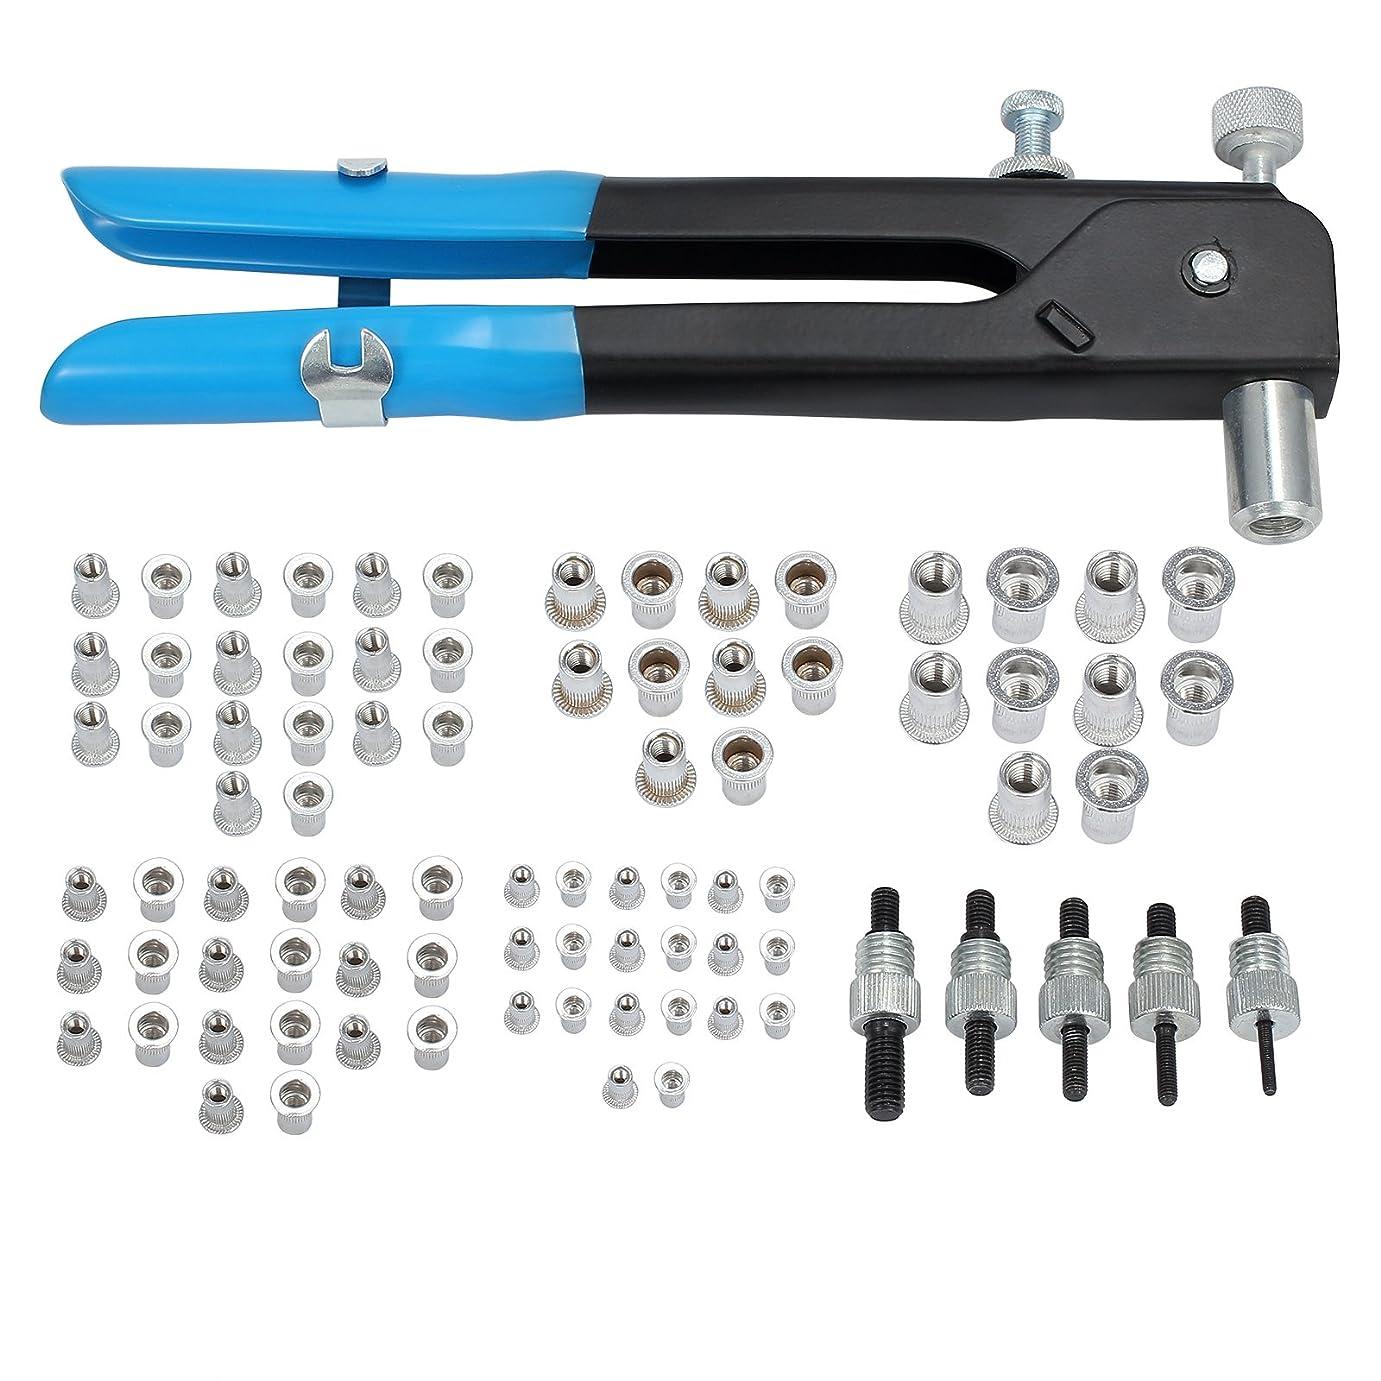 Proster ハンドリベッター セット 86pcs リベット用工具 86pcs ナット カウンター シャフトなどに対応